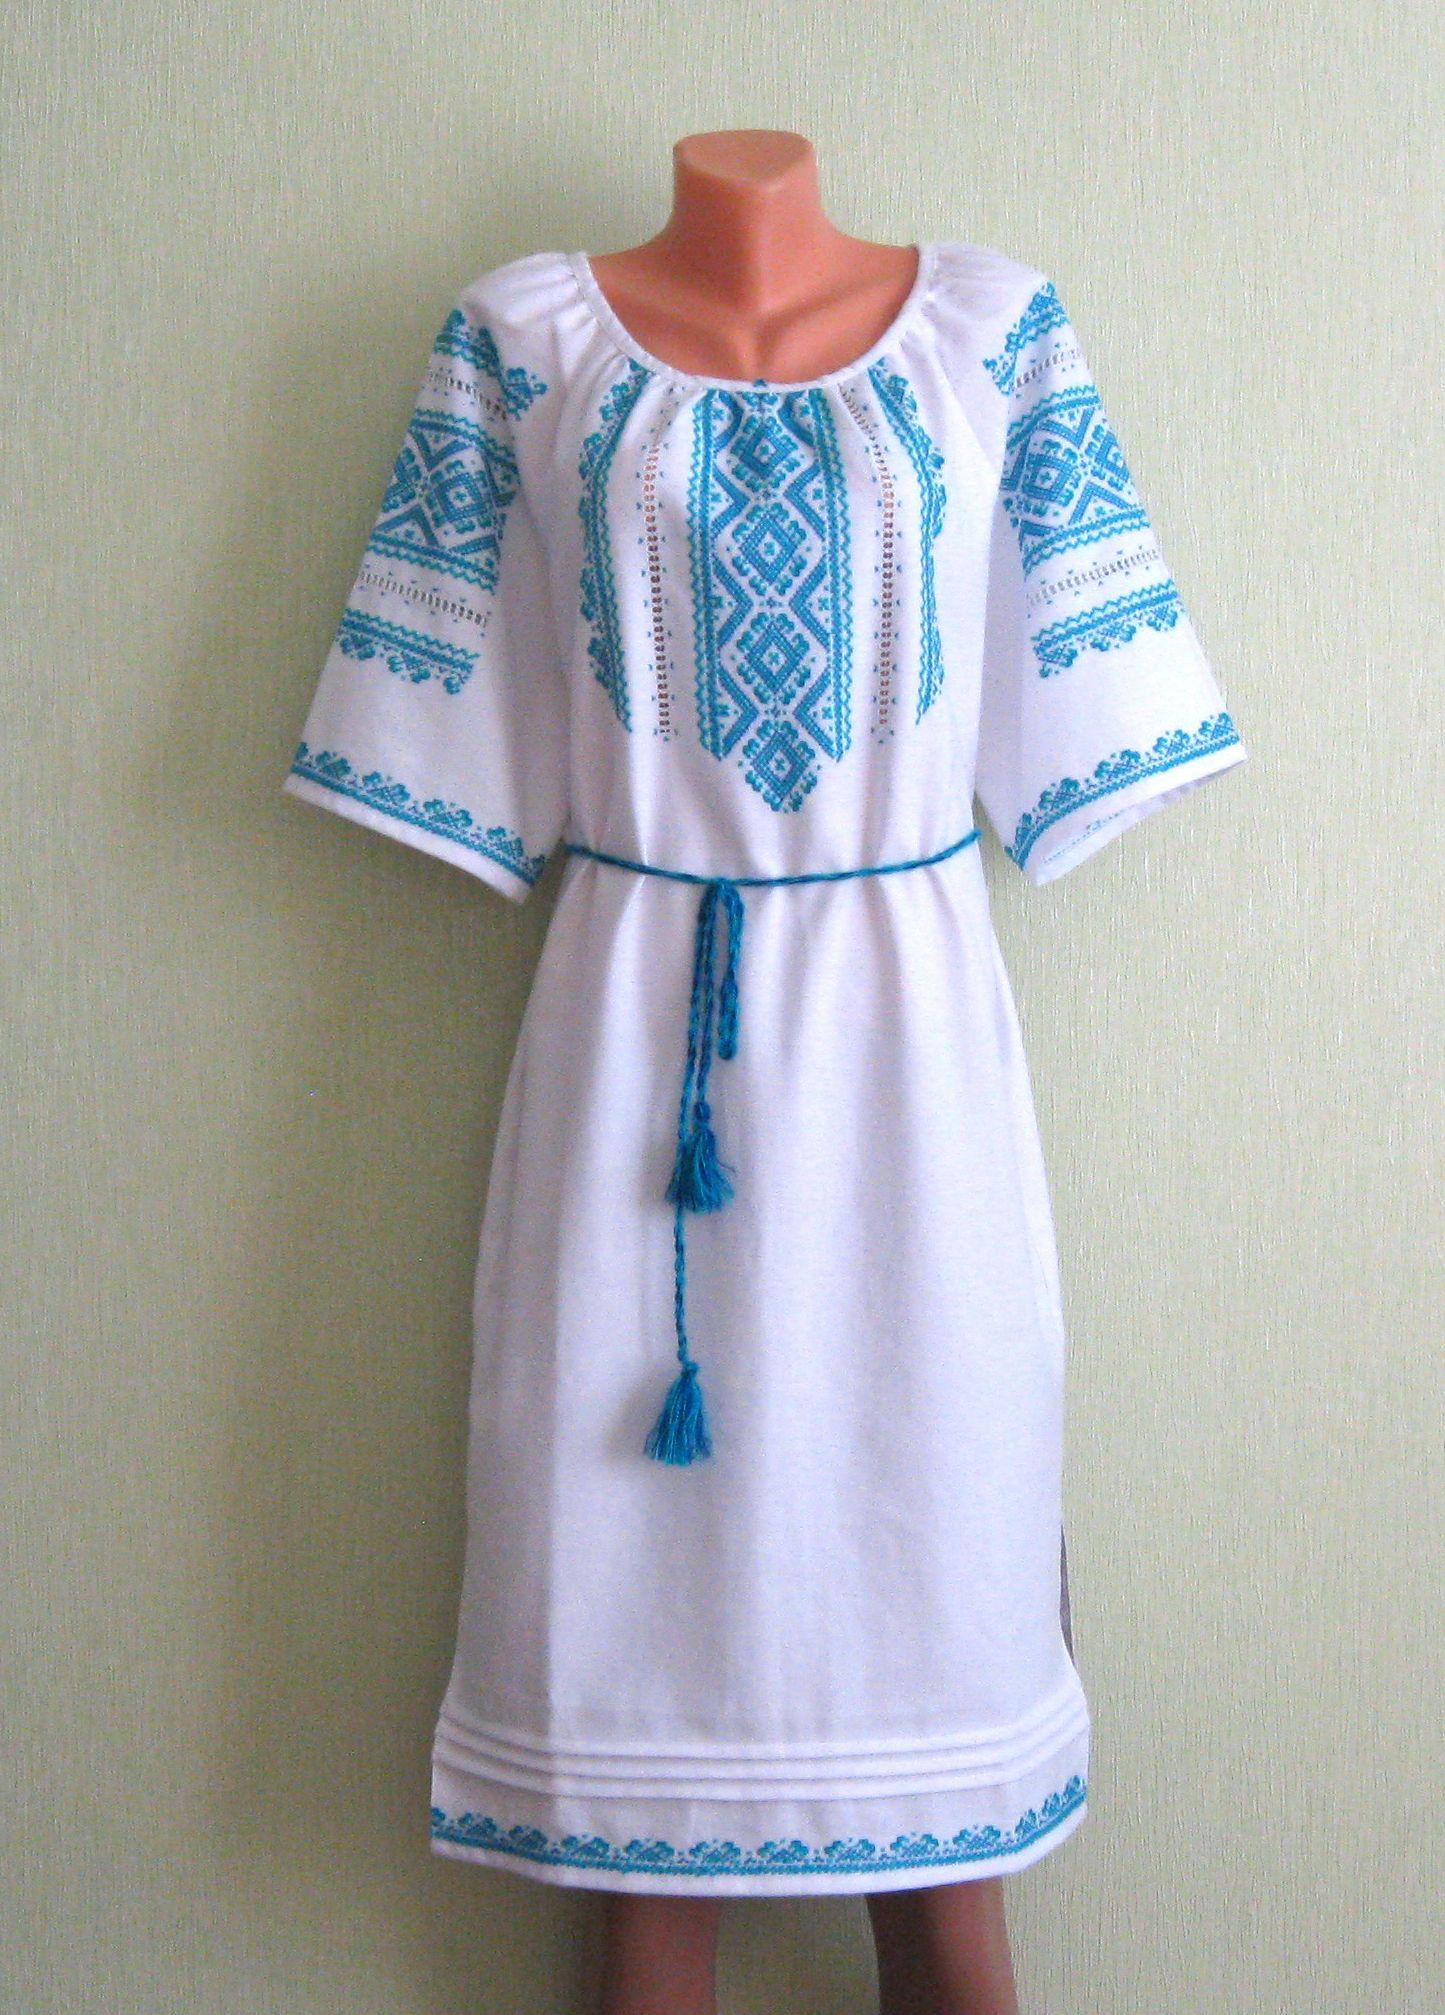 Сучасна вишивка (плаття) - Фотогалерея - Вишиванки ручної роботи від ... 5f2f525fcb4ea